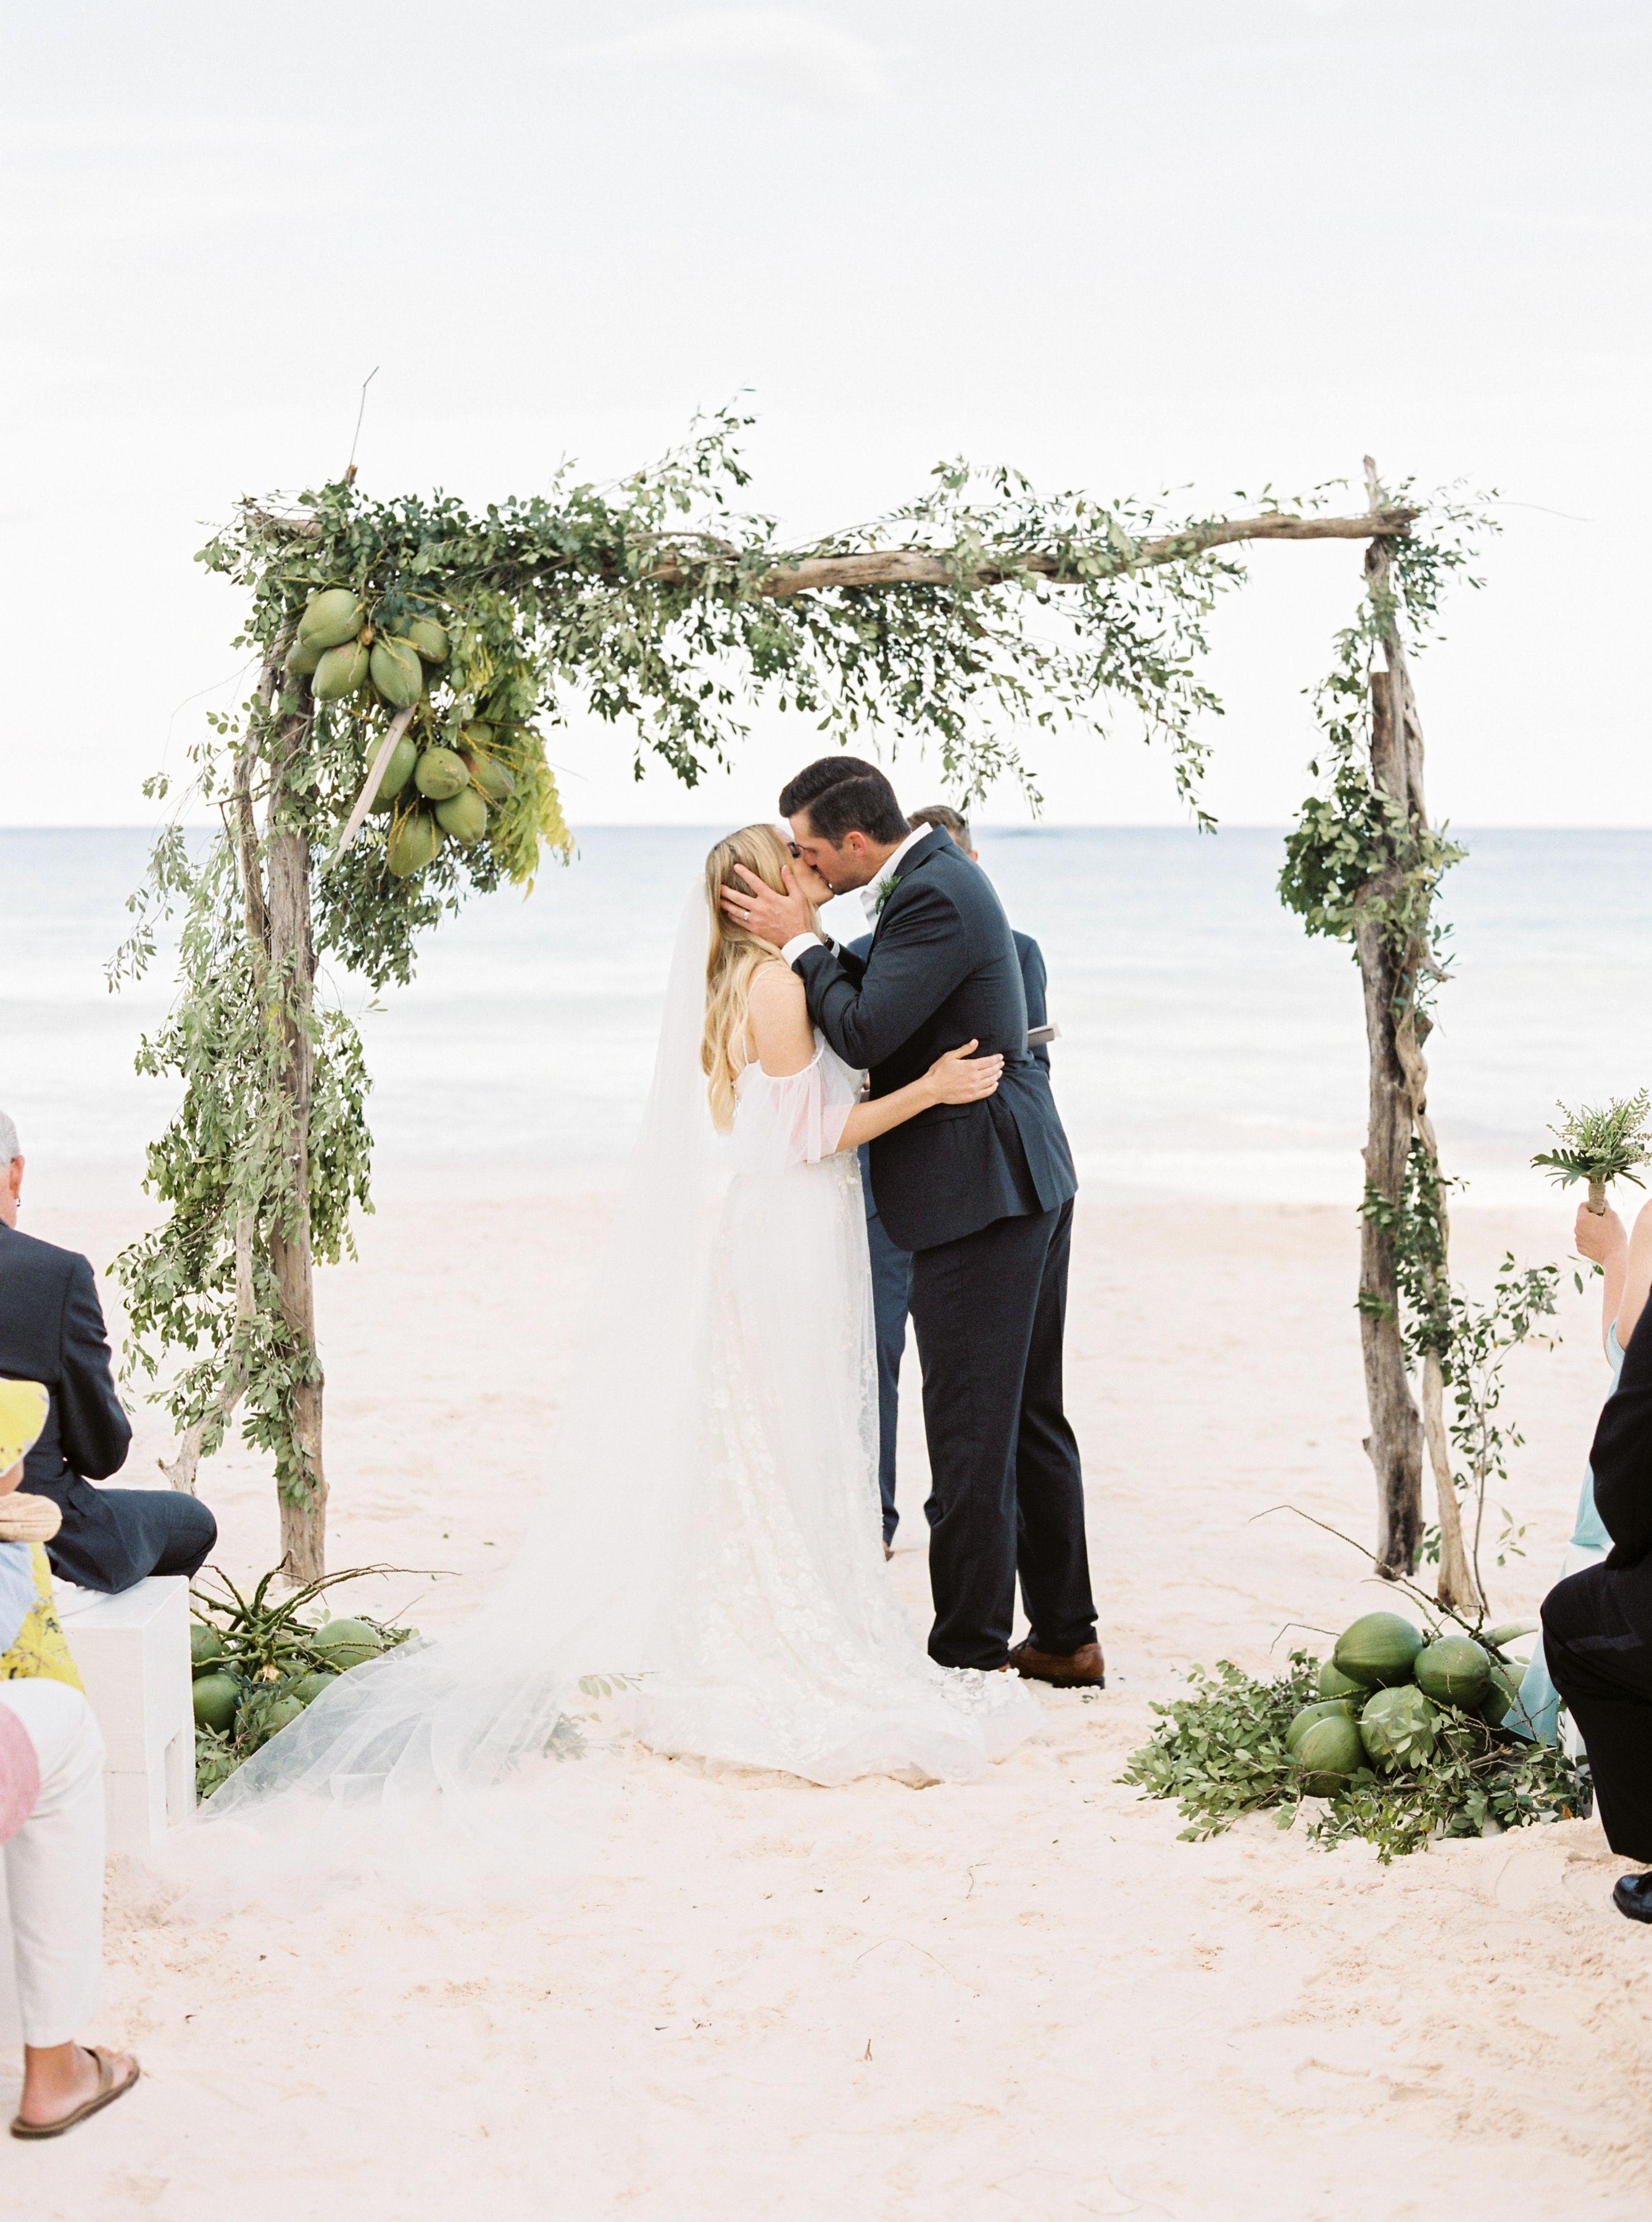 Elizabeth and Chuck wedding kiss